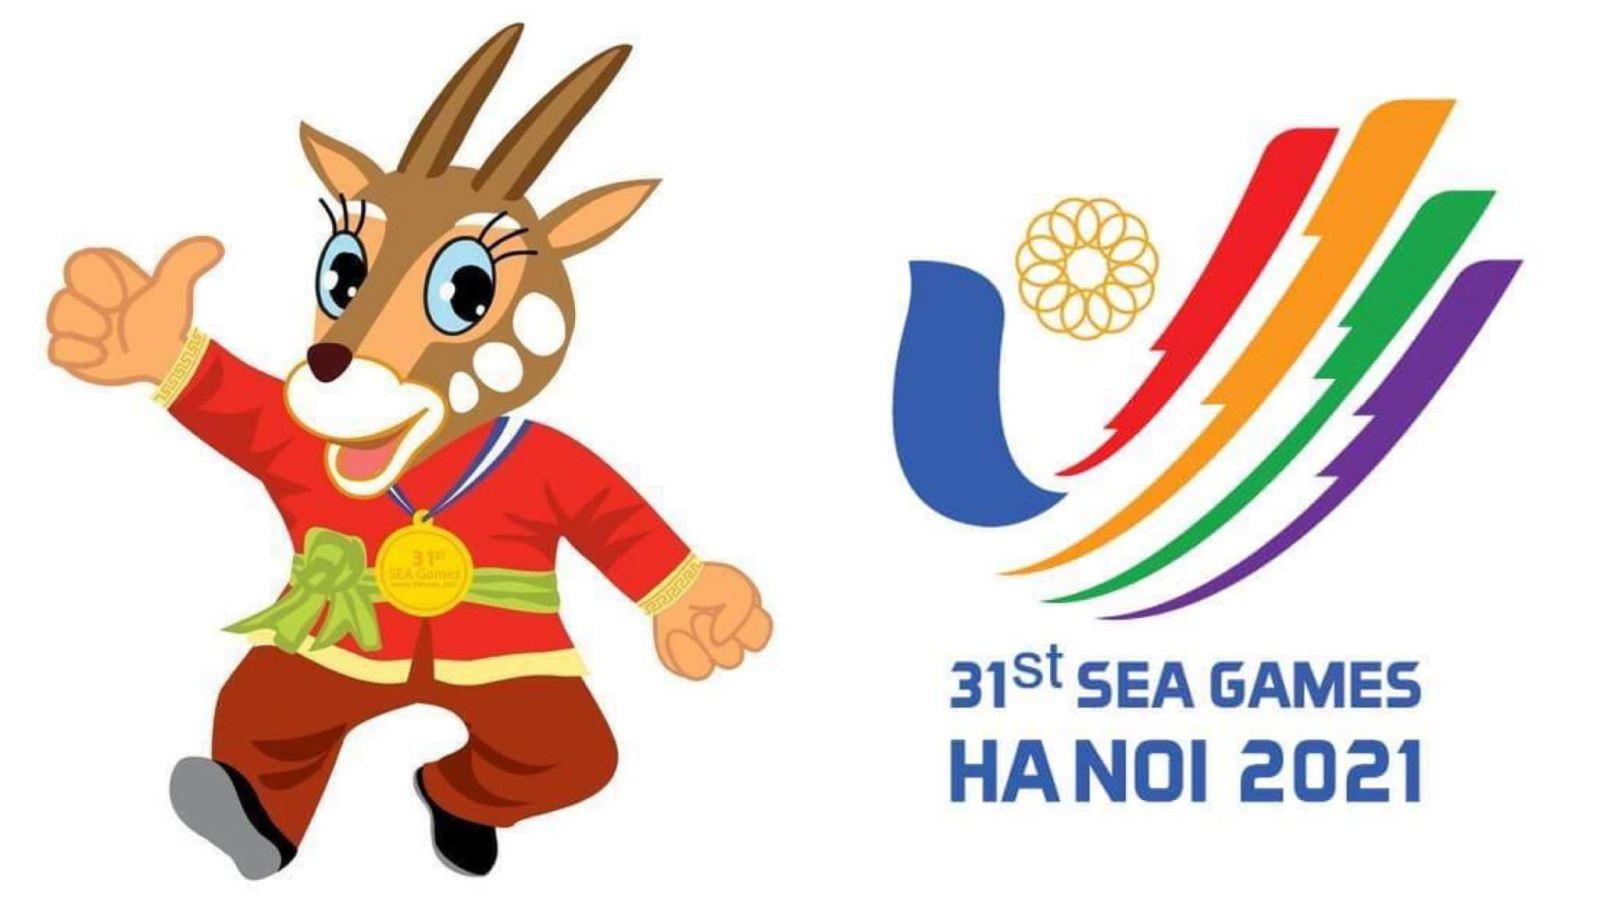 SEA Games, SEA Games 31, SEA Games 2021, Việt Nam là chủ nhà SEA Games, U22 Việt Nam, Park Hang Seo, HCV SEA Games, Đoàn TTVN, Thể thao Việt Nam